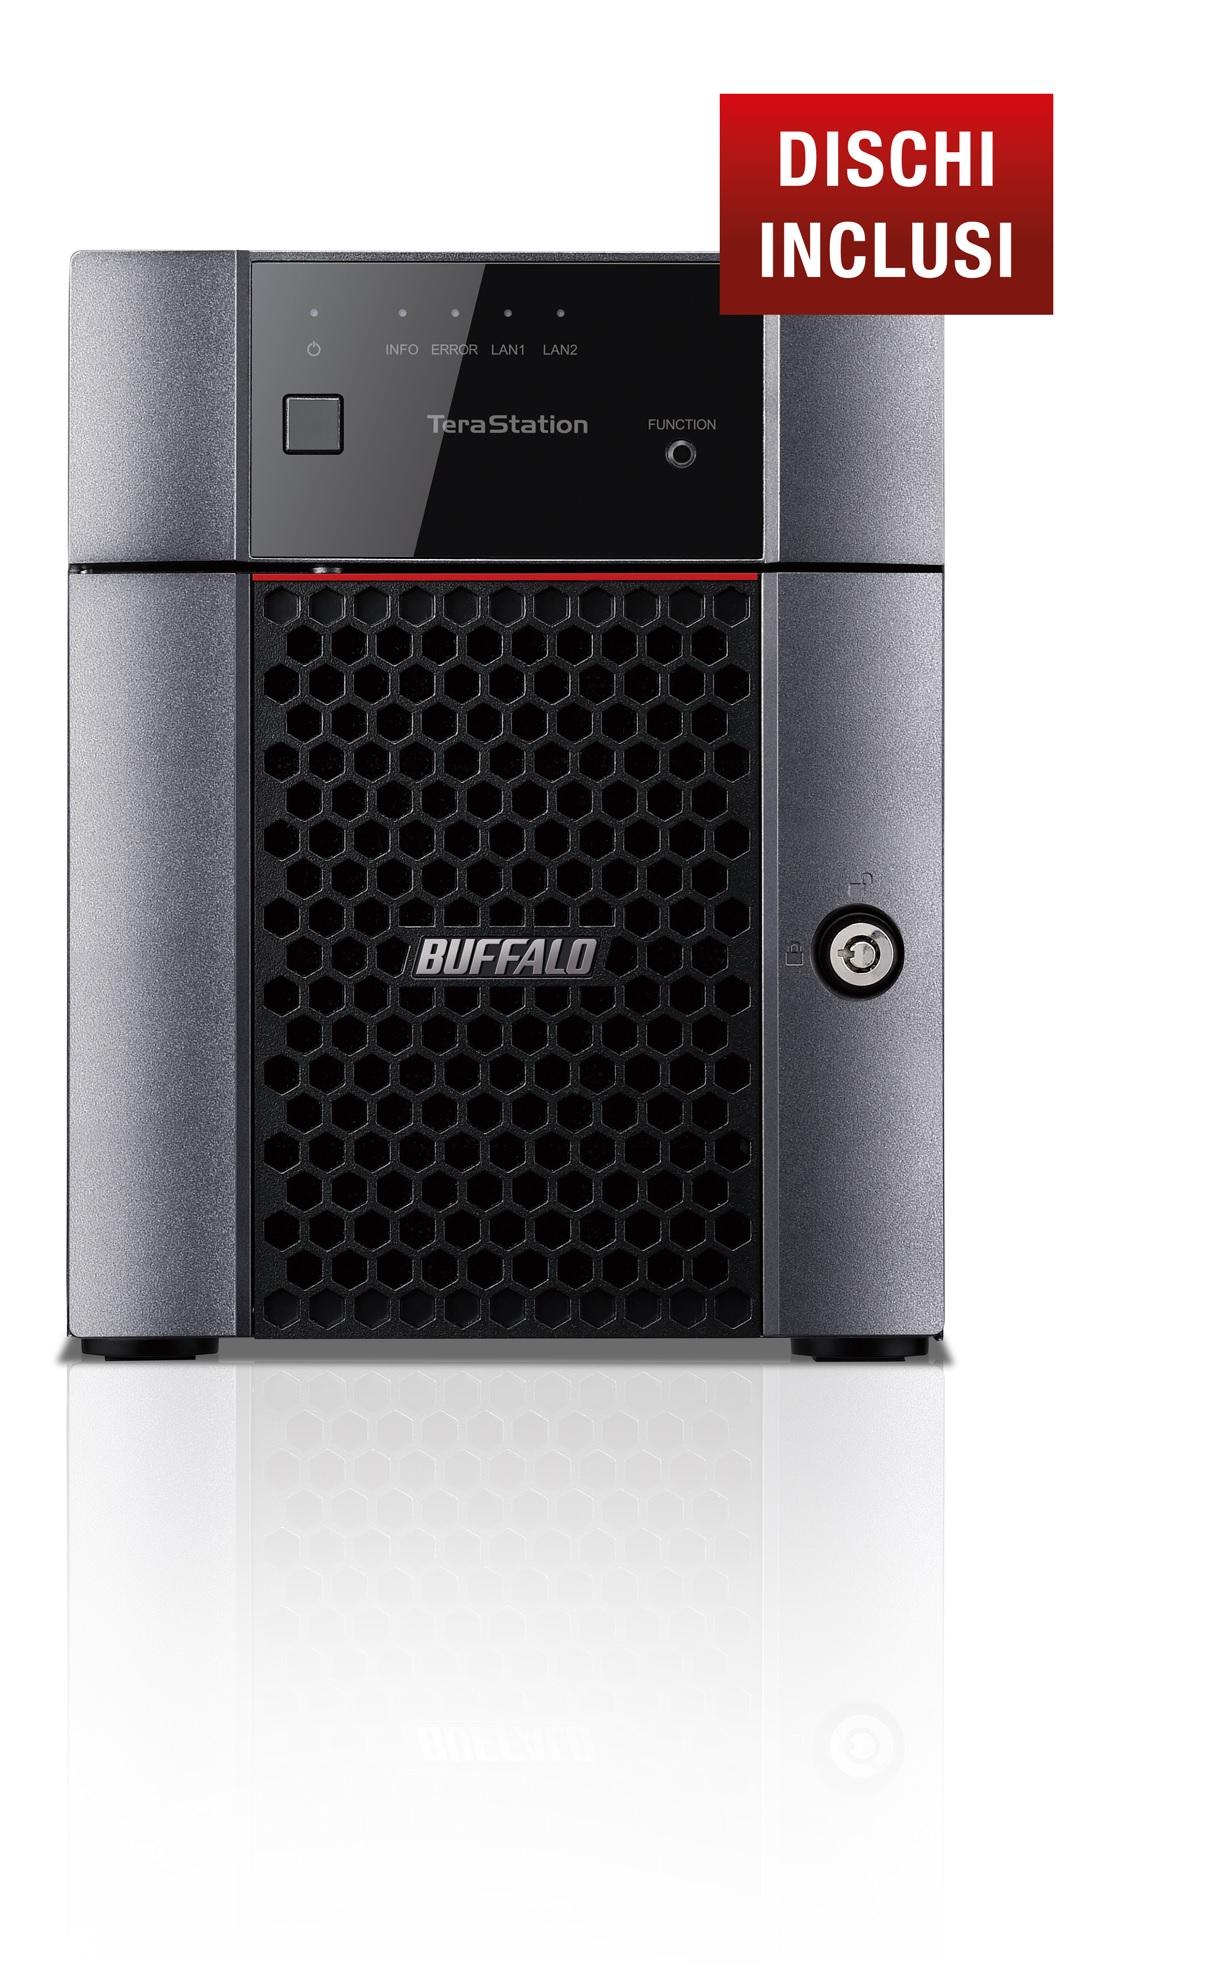 BUFFALO NAS TERASTATION 3410 DESKTOP 4X3TB HDD SATA GIGABIT ETHERNET USB2.0 E 3.0 1,40GHZ 1GB RAM DDR3